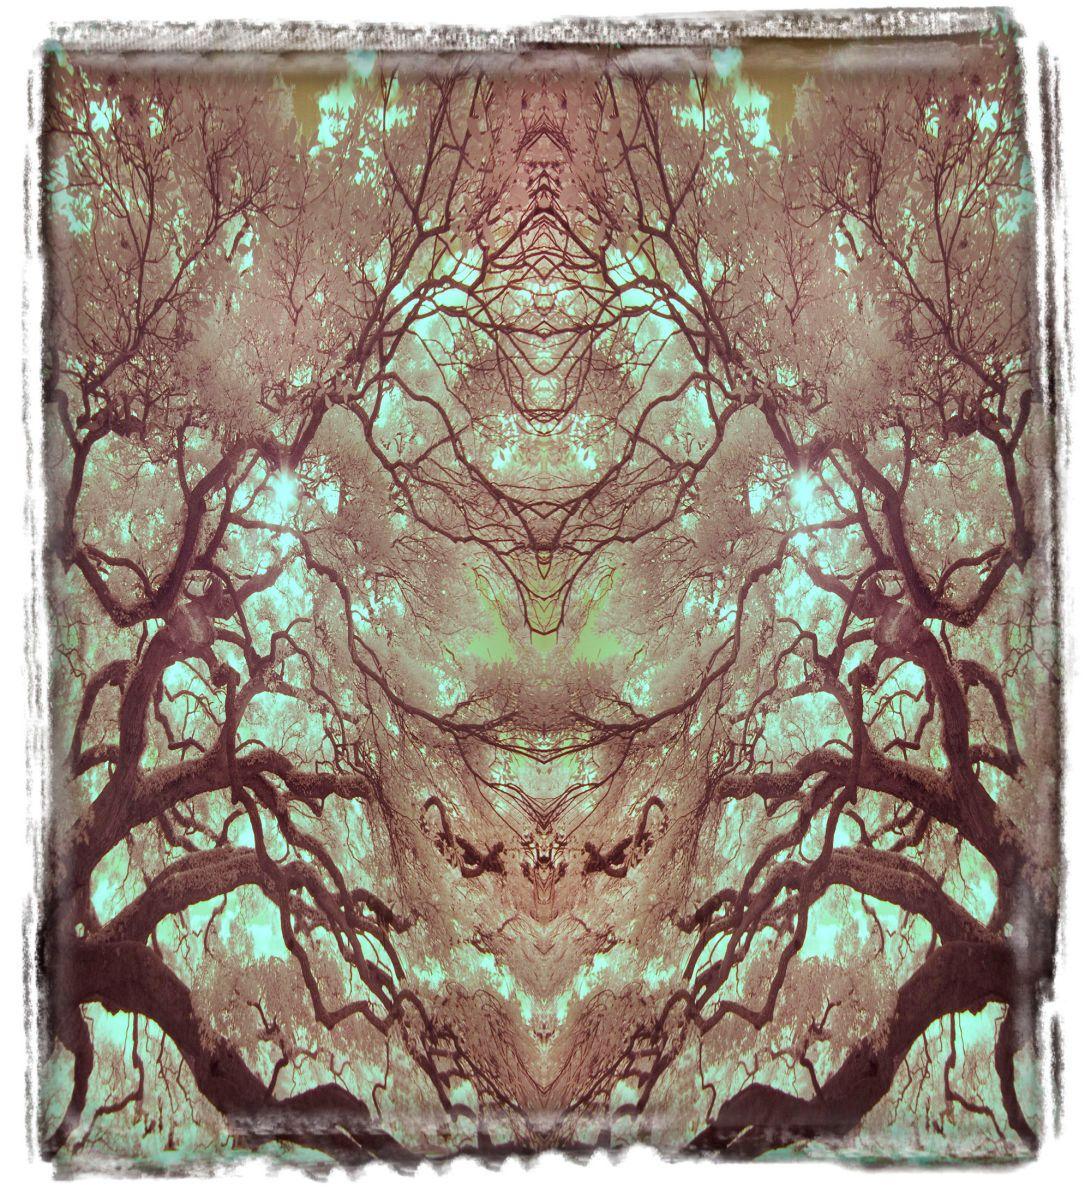 treaty oak, fl'12 3644a